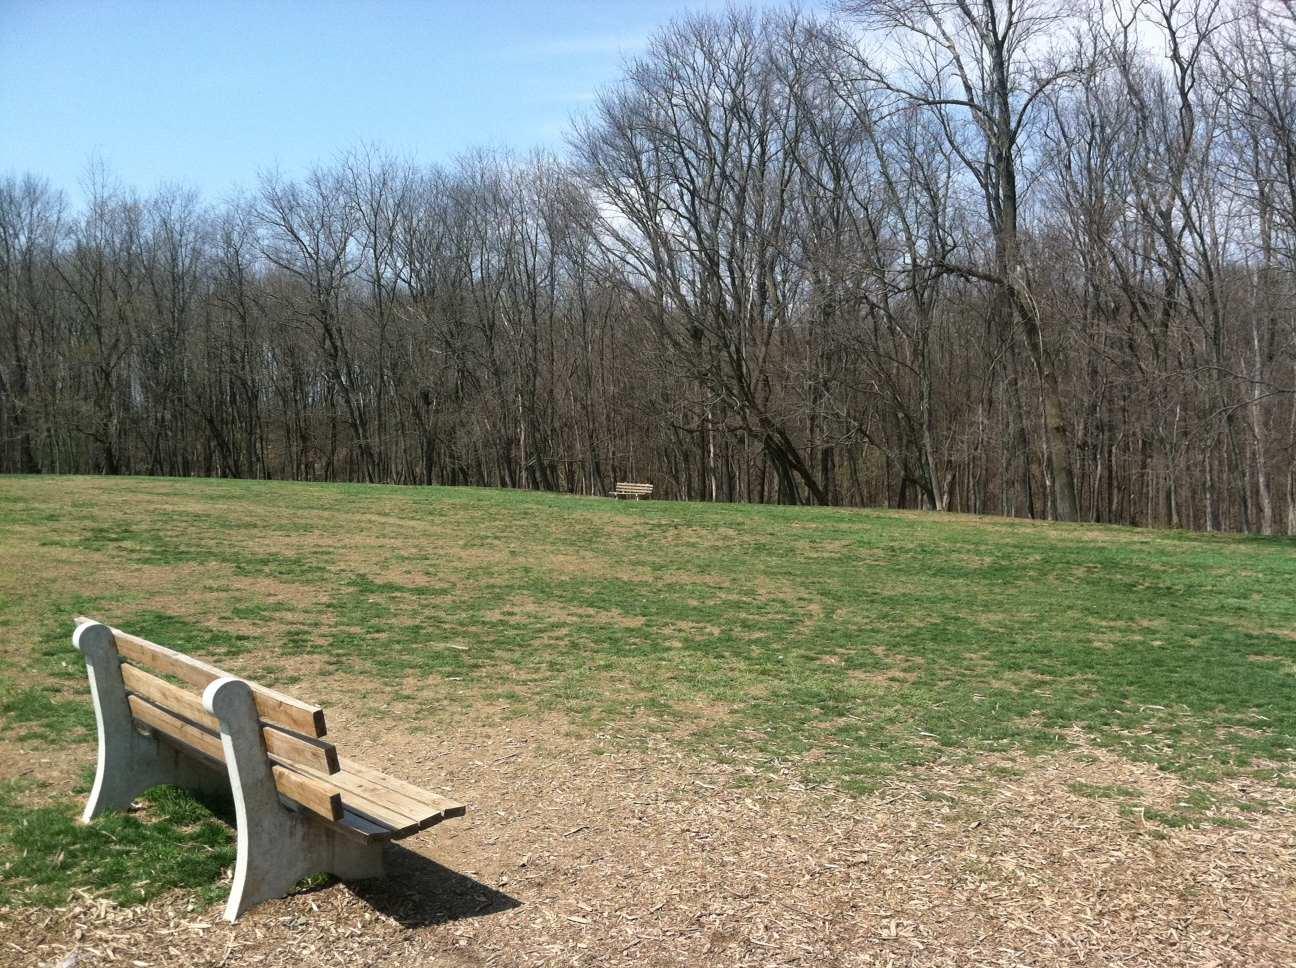 Knox County Ohio Barking Park